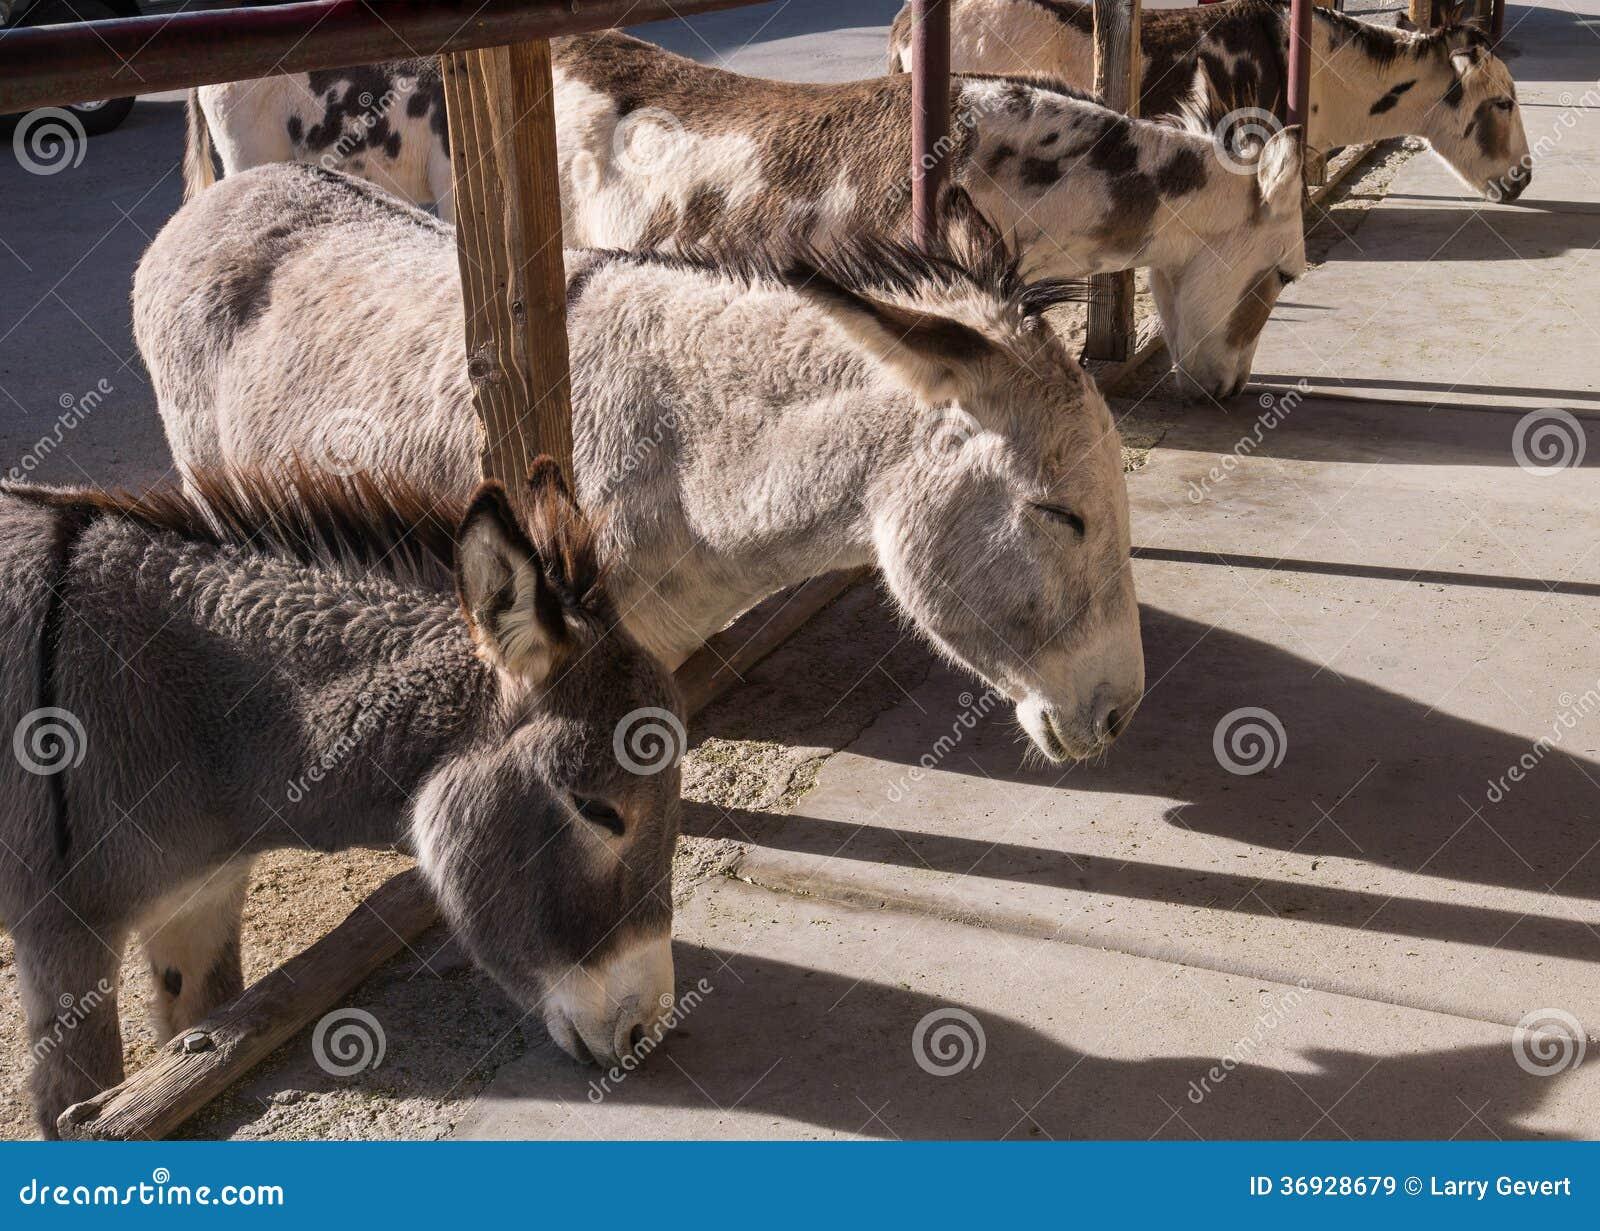 寻找赠送品的野生驮货驴子